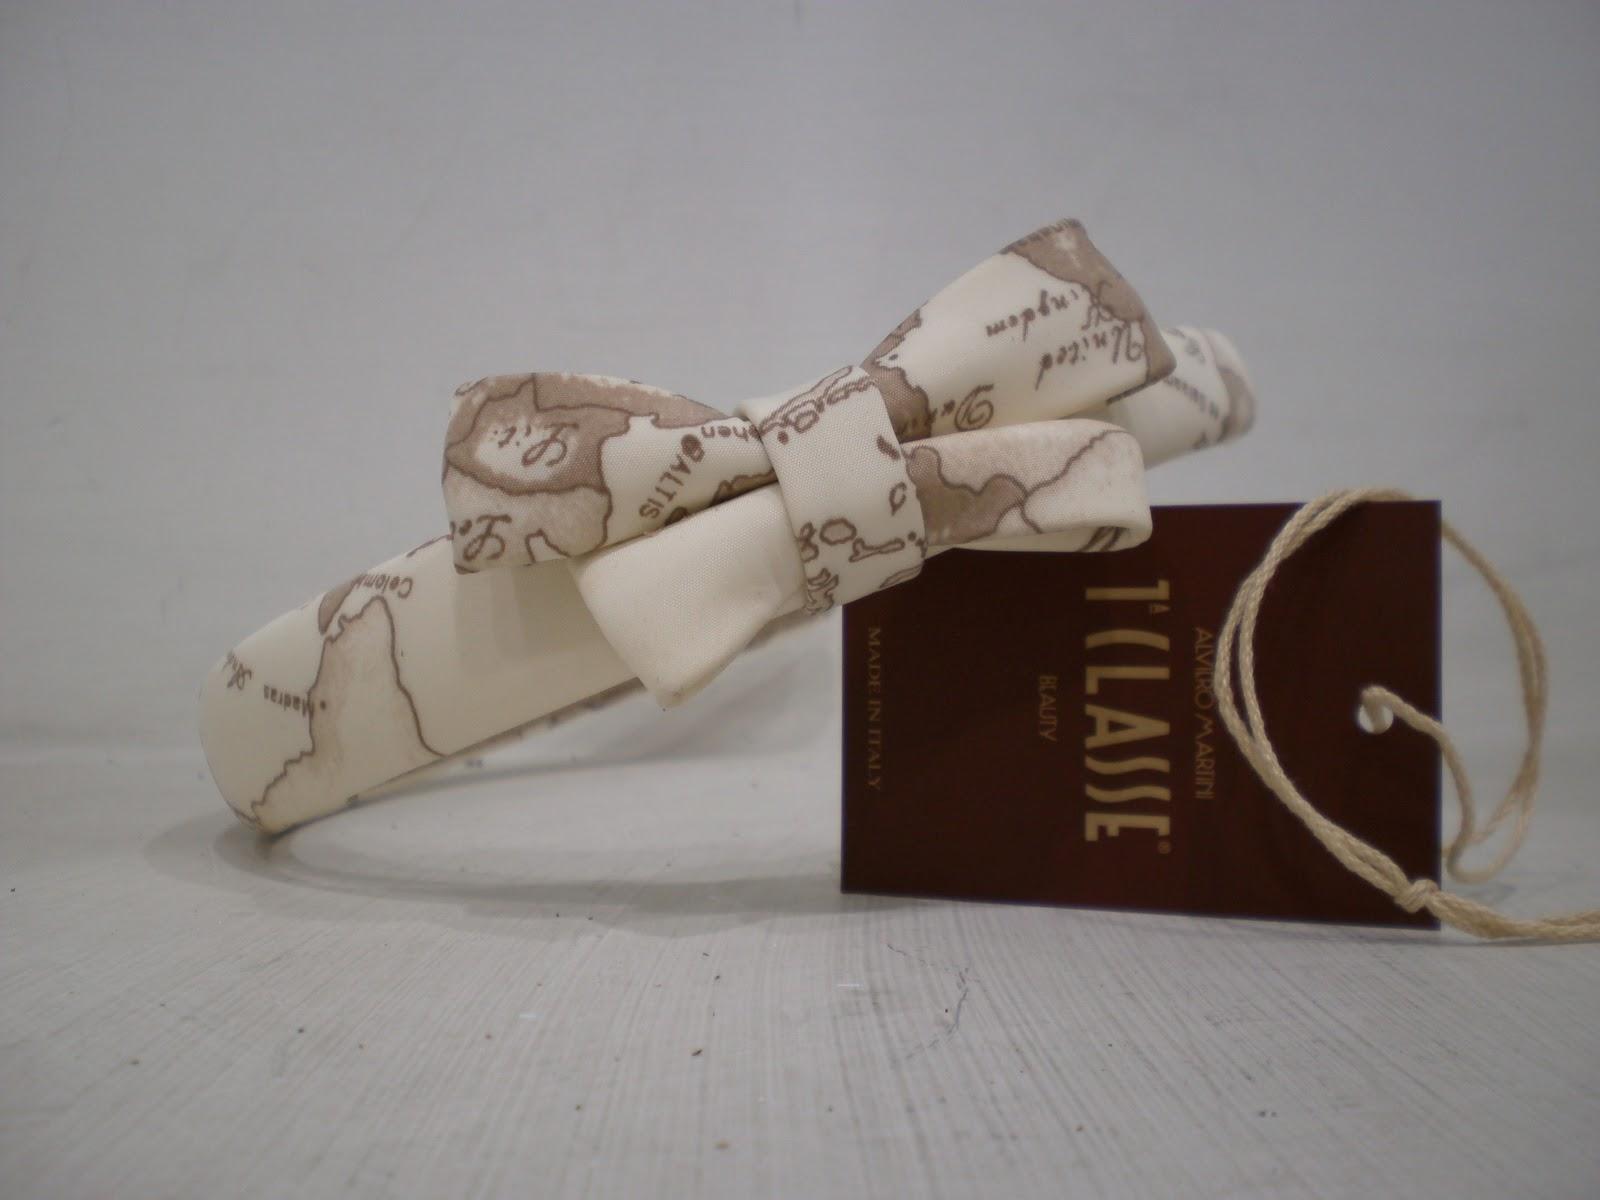 Nuova collezione cerchietti per capelli Alviero Martini prima classe,in  silk,o rodiati,con fiocchi o con strass,la nuova colezione è imperdibile.